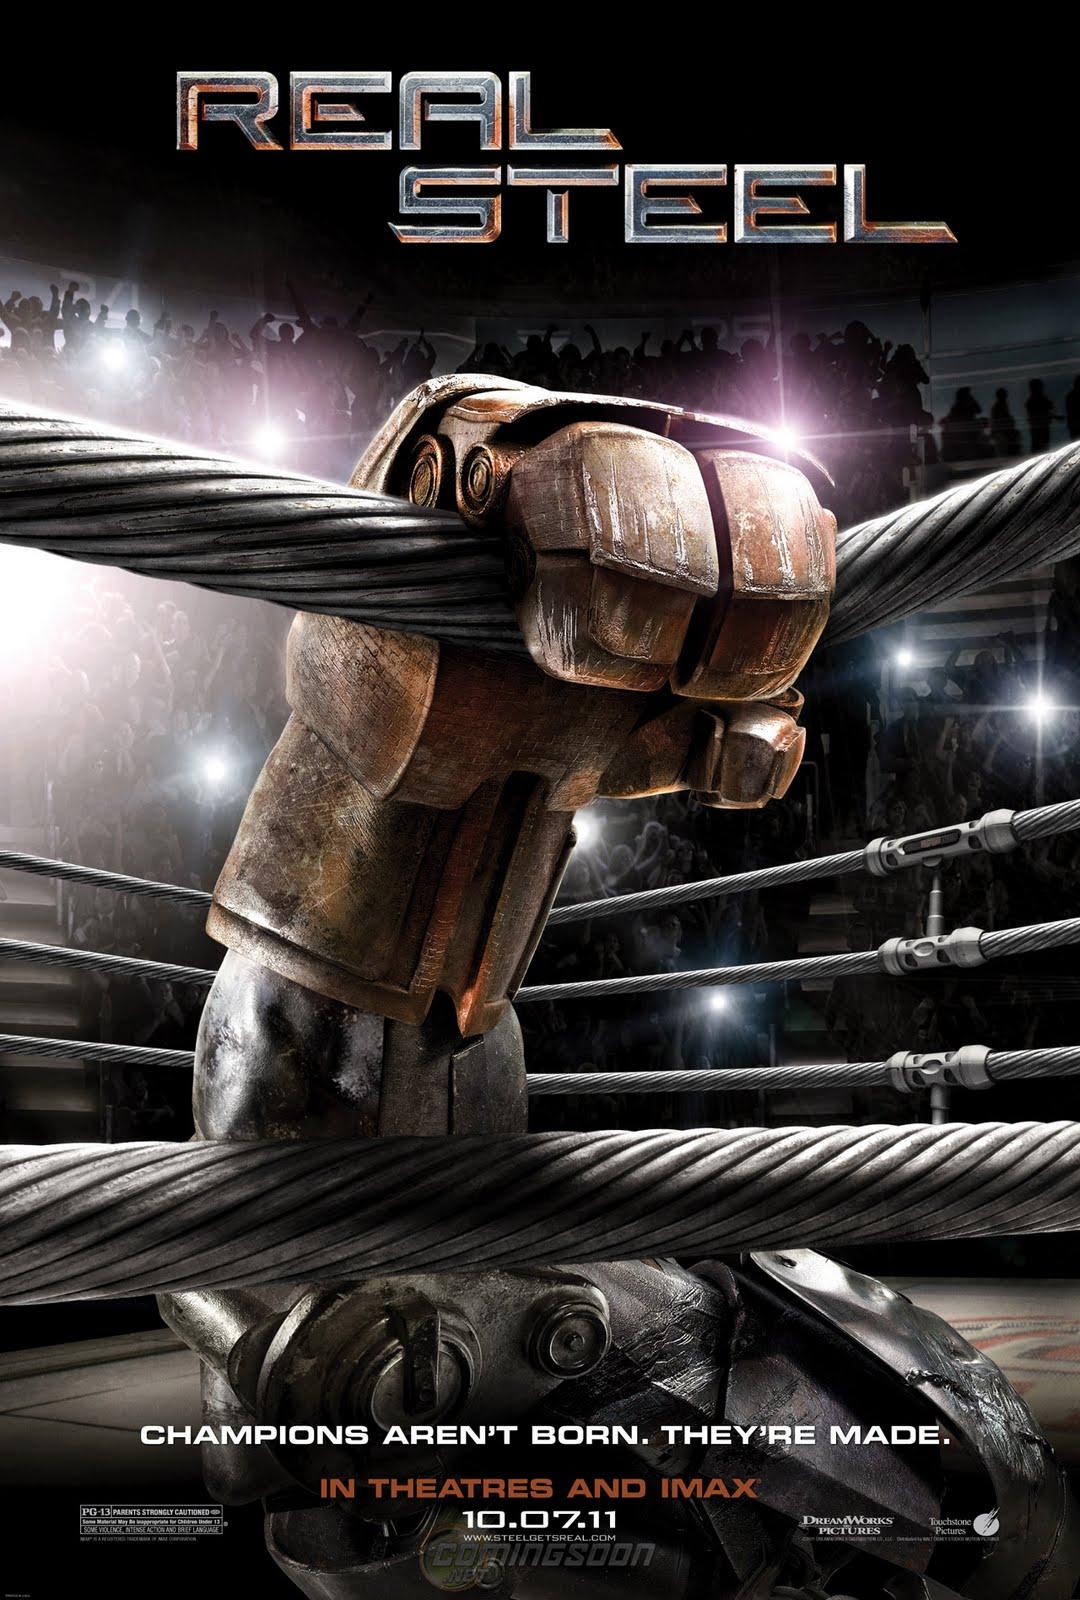 http://2.bp.blogspot.com/-_LeL6I7xzBw/TycG908PiXI/AAAAAAAAAWI/26KPMlqqtl4/s1600/Real_Steel_Movie_Poster%5B1%5D.jpg